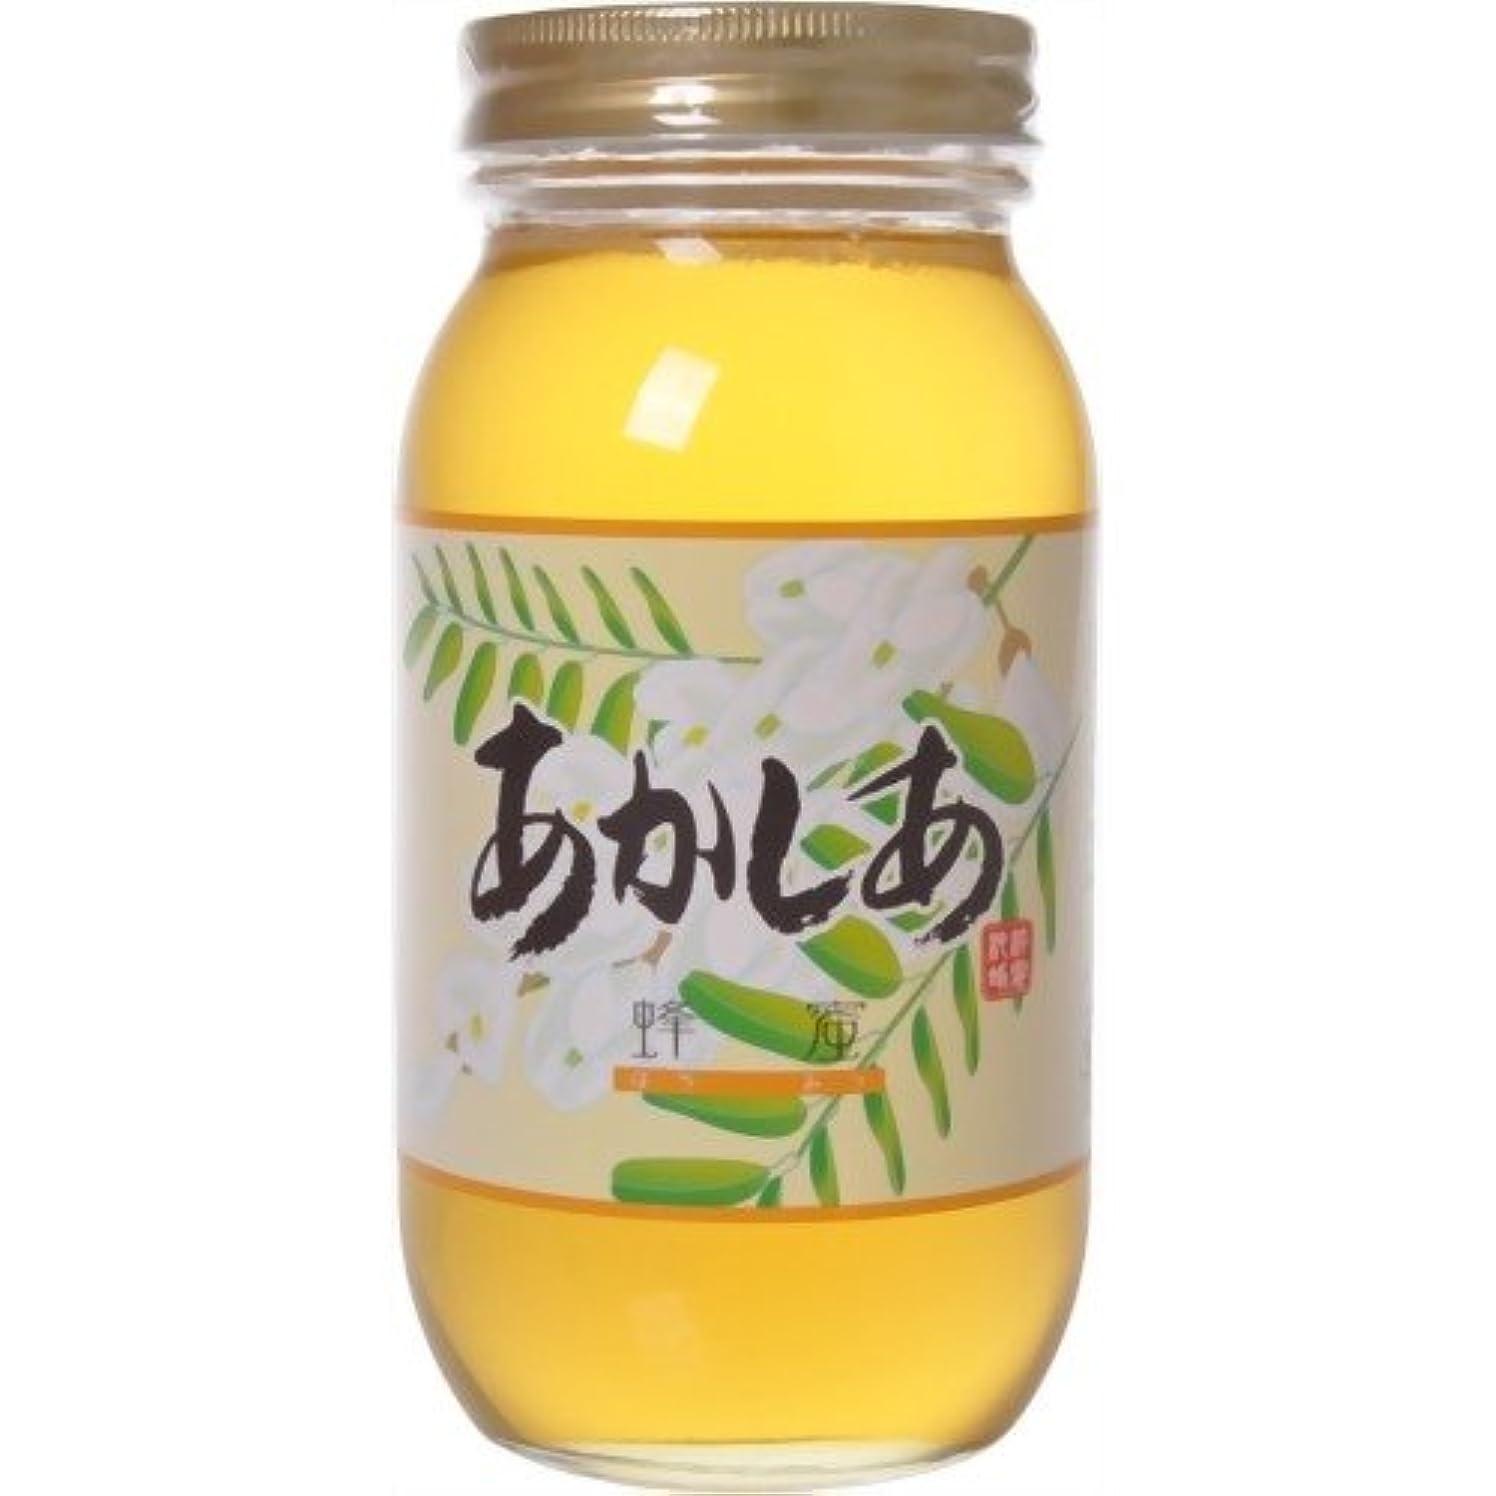 ホイスト純粋に偉業藤井養蜂場 中国産アカシアはちみつ 1kg